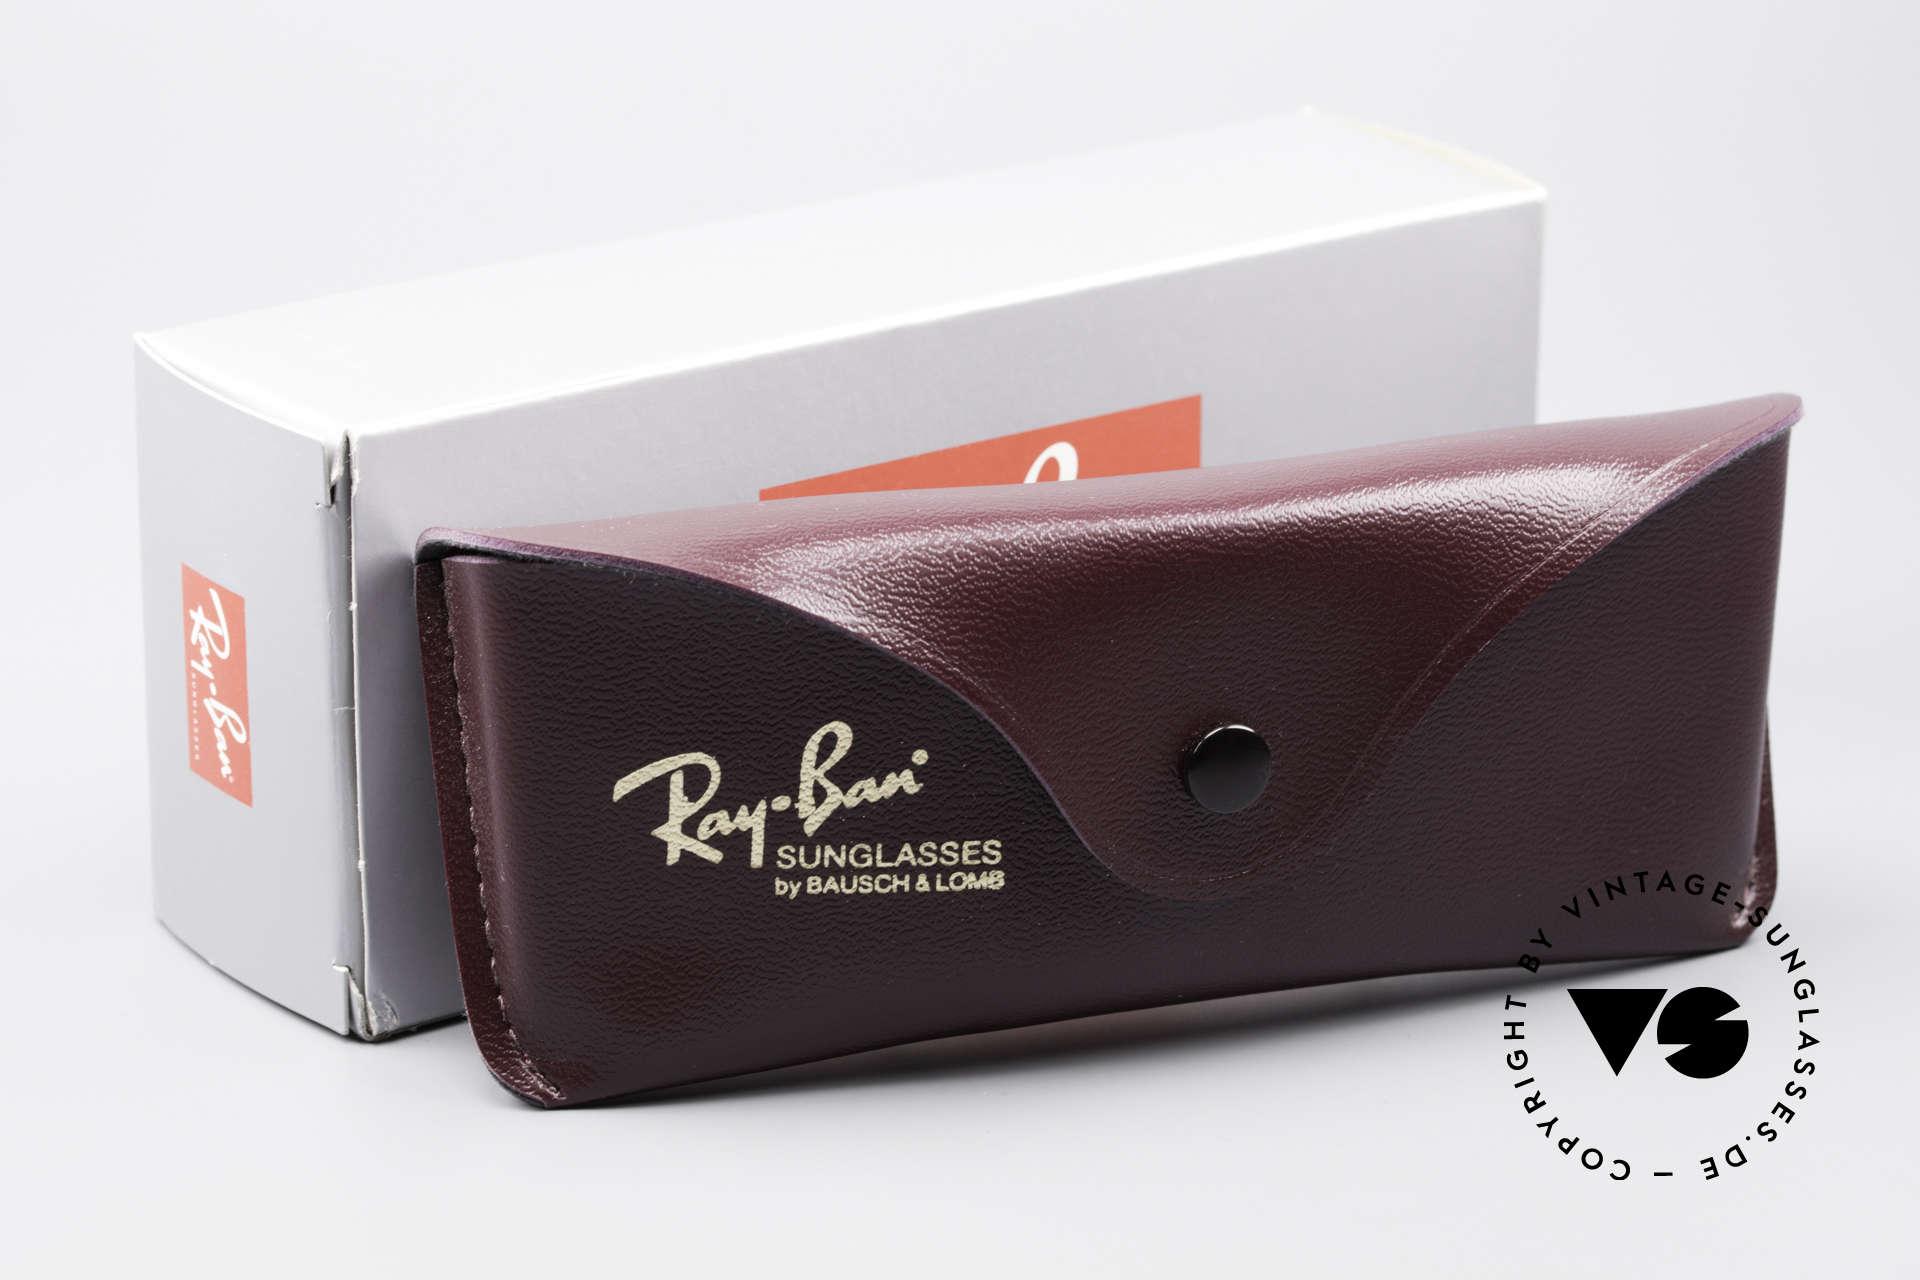 Ray Ban Clubmaster II Large Limited Edition B&L USA, Größe: medium, Passend für Herren